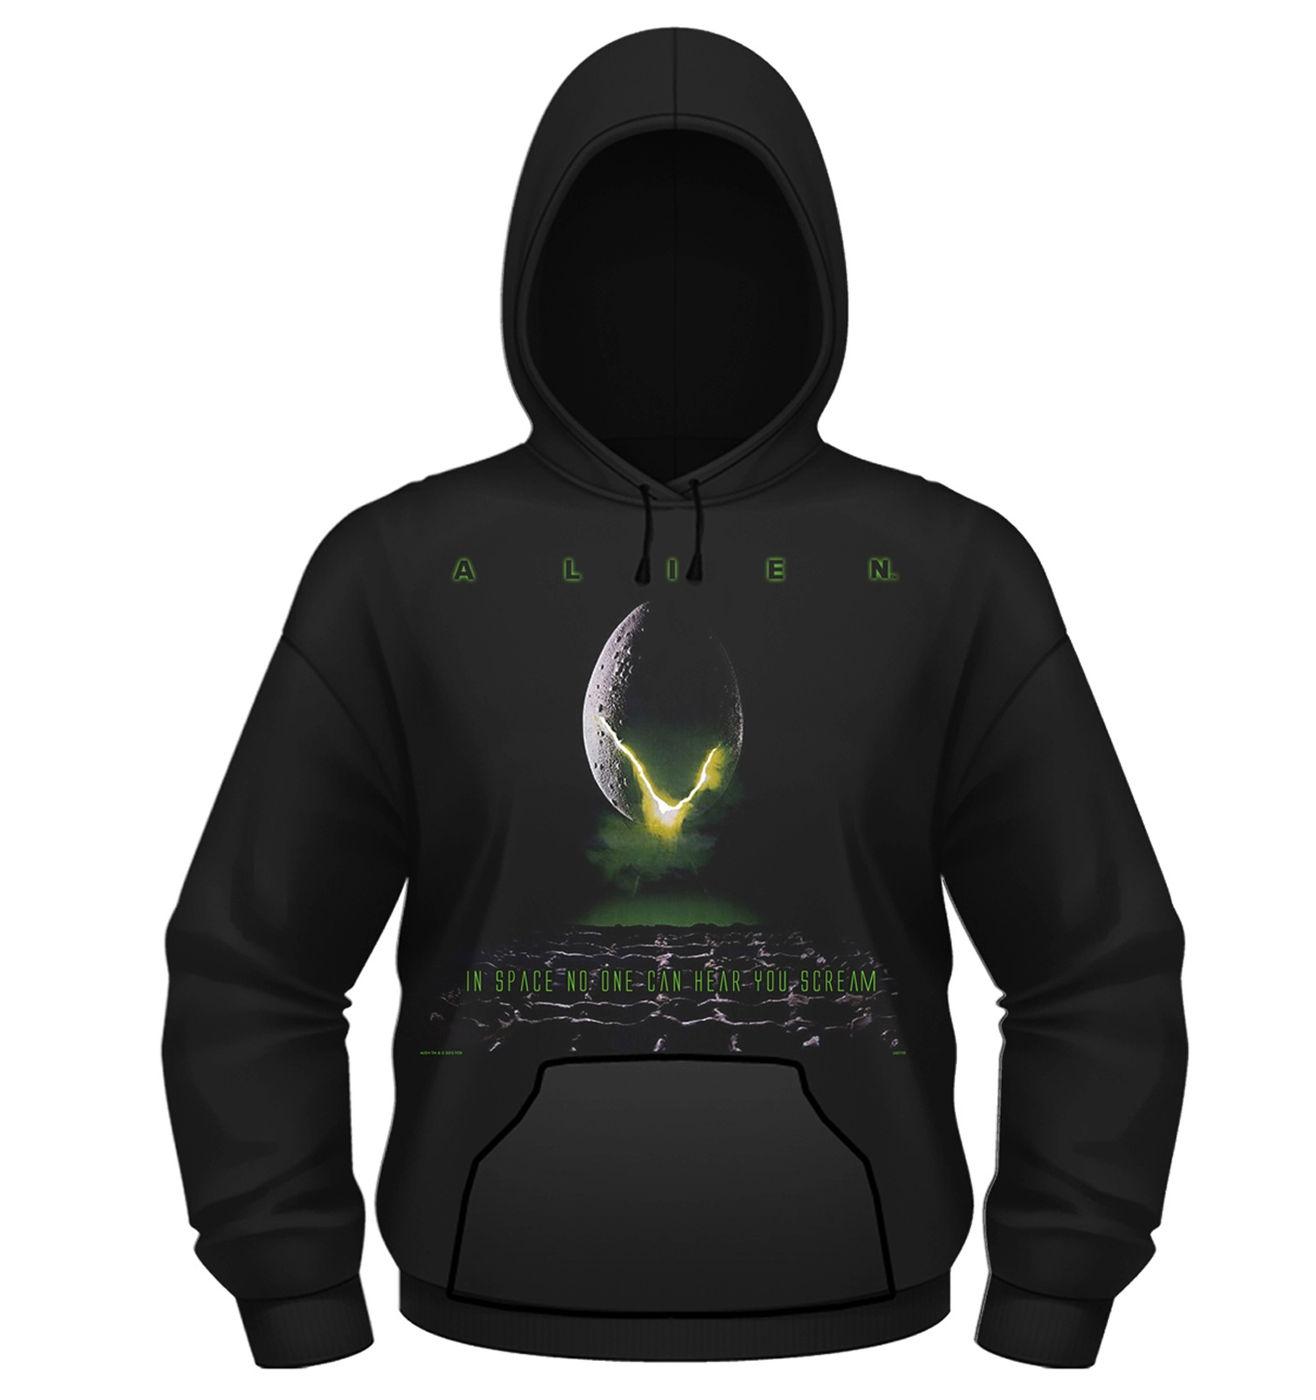 OFFICIAL Alien Egg hoodie